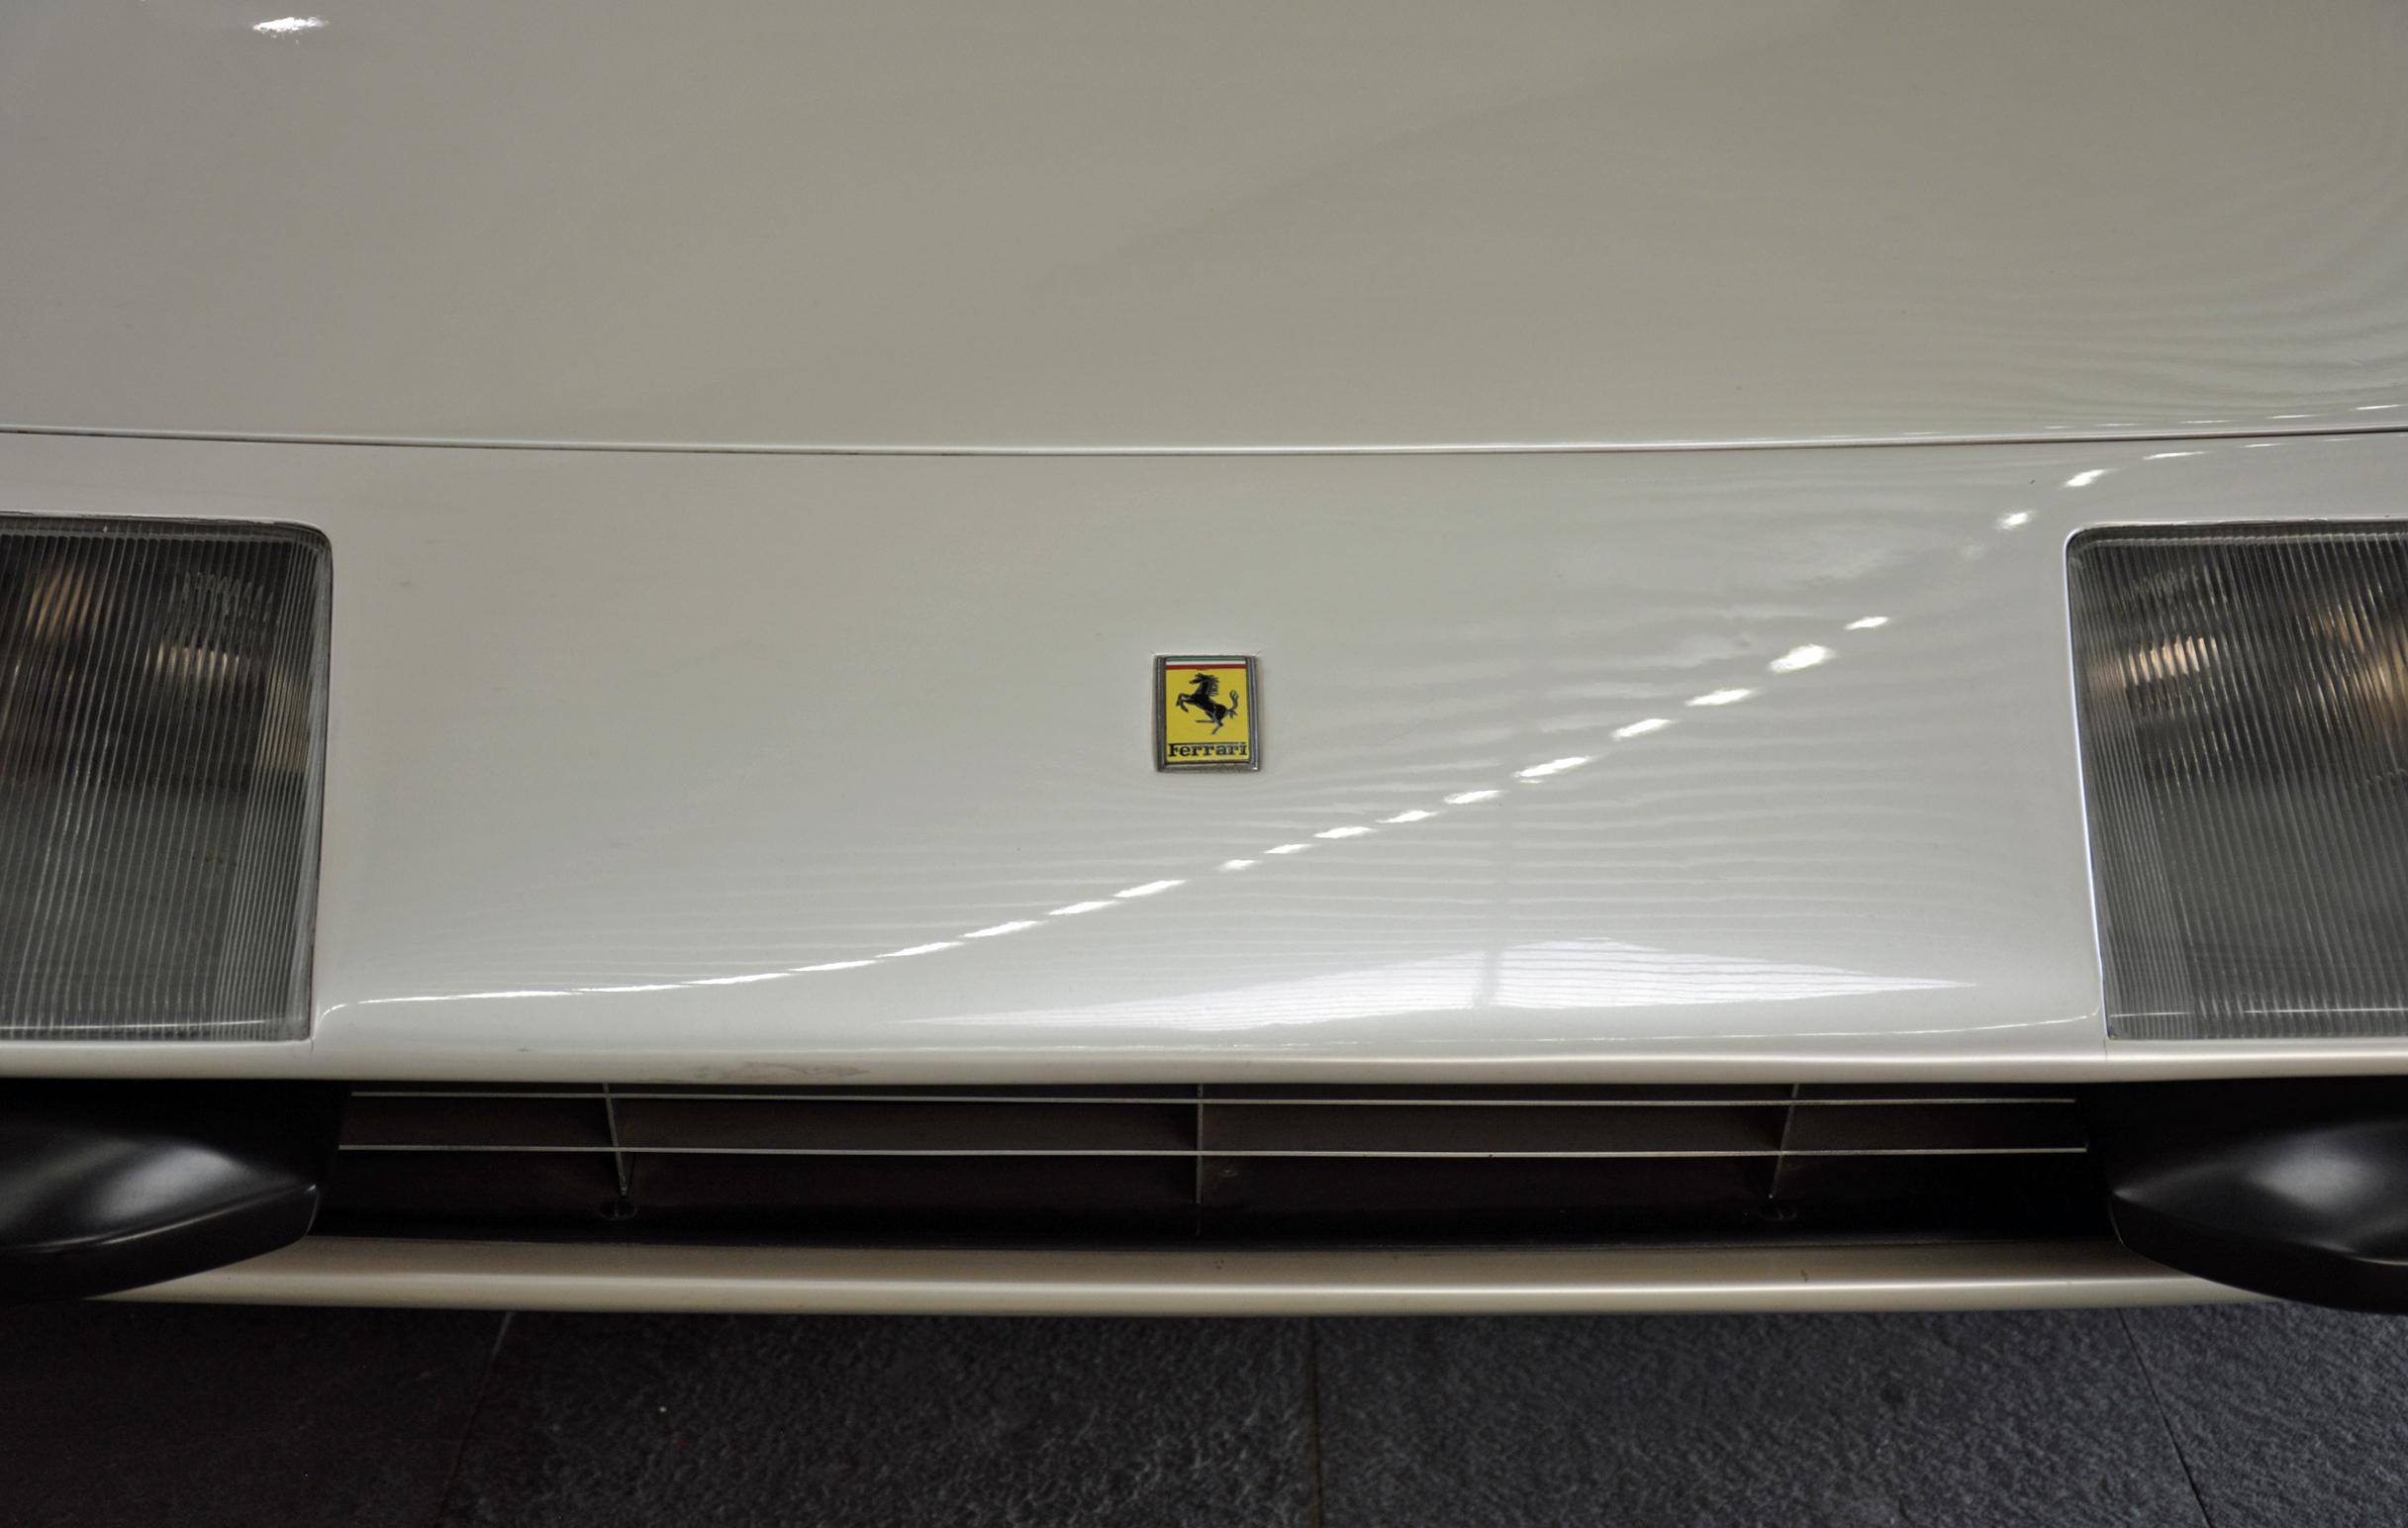 1968 ferrari p6 prototype hood logo